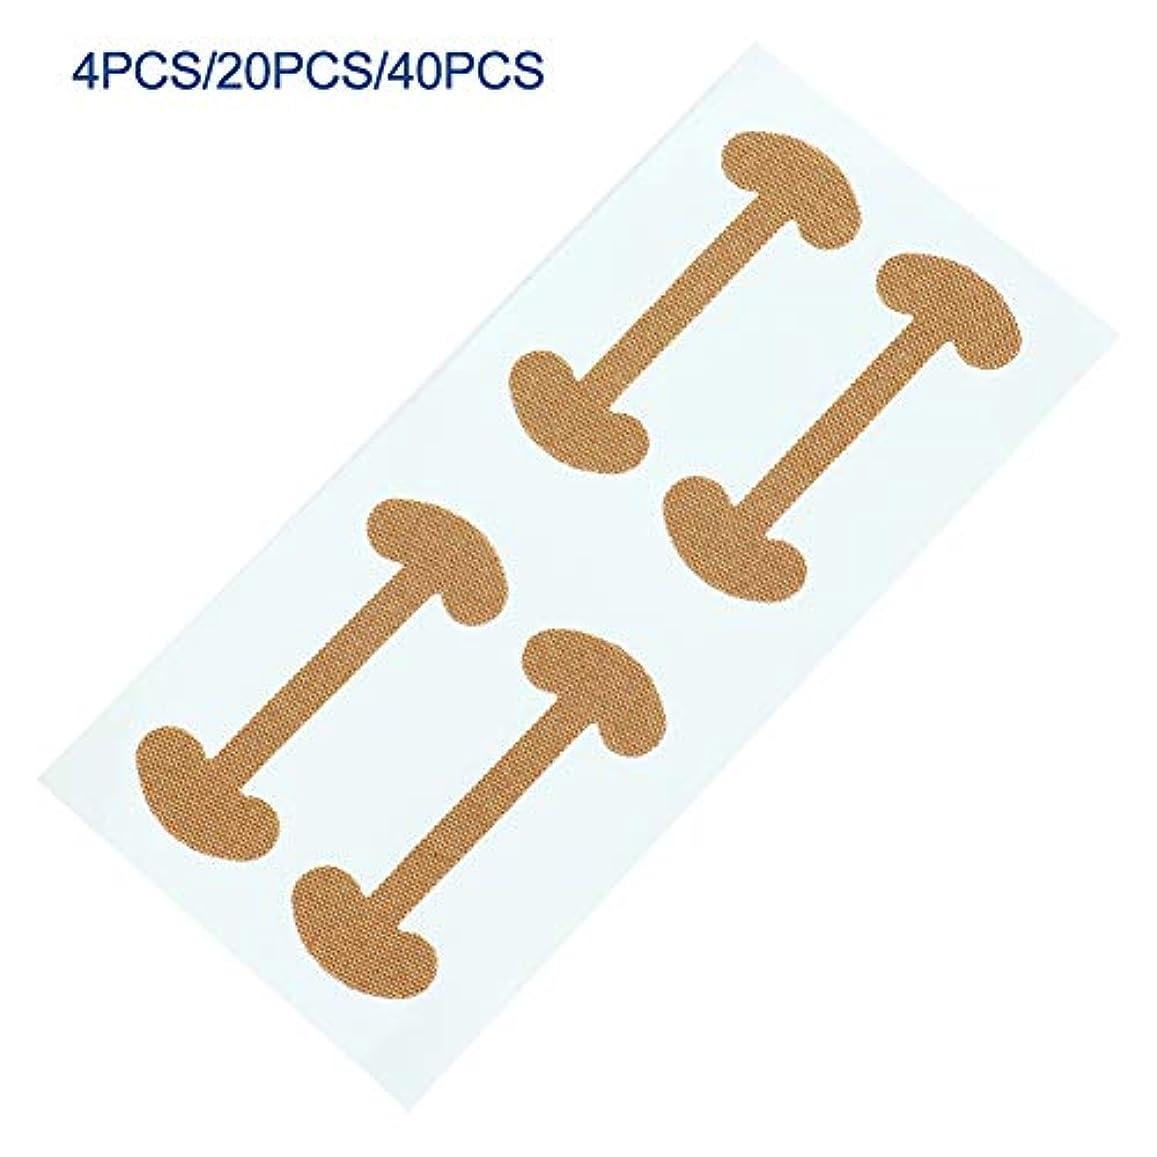 大きさコート撤回する爪補正ステッカー、陥入爪テープ補正テープステッカー、爪周囲爪爪テープ回復コレクター、つま先の癒しの指の爪のケアツール(40個)